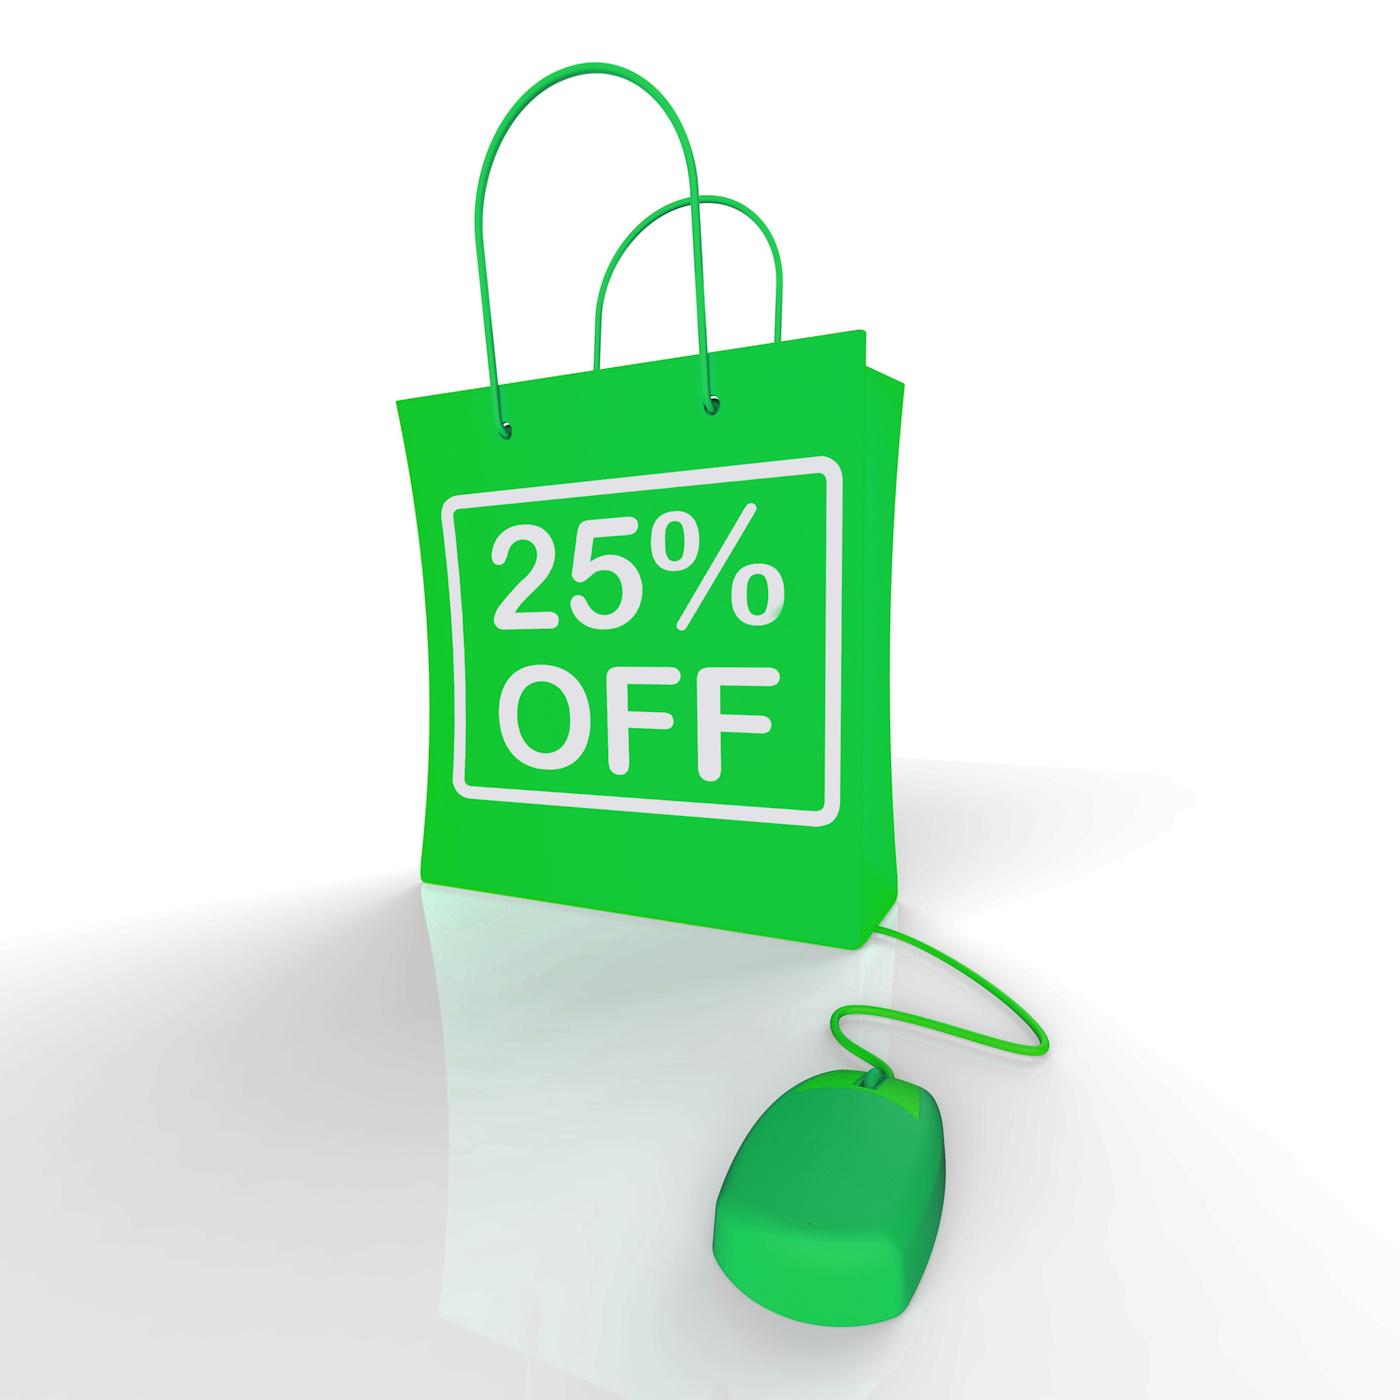 Twenty-five percent off bag represents online shopping 25 discounts photo